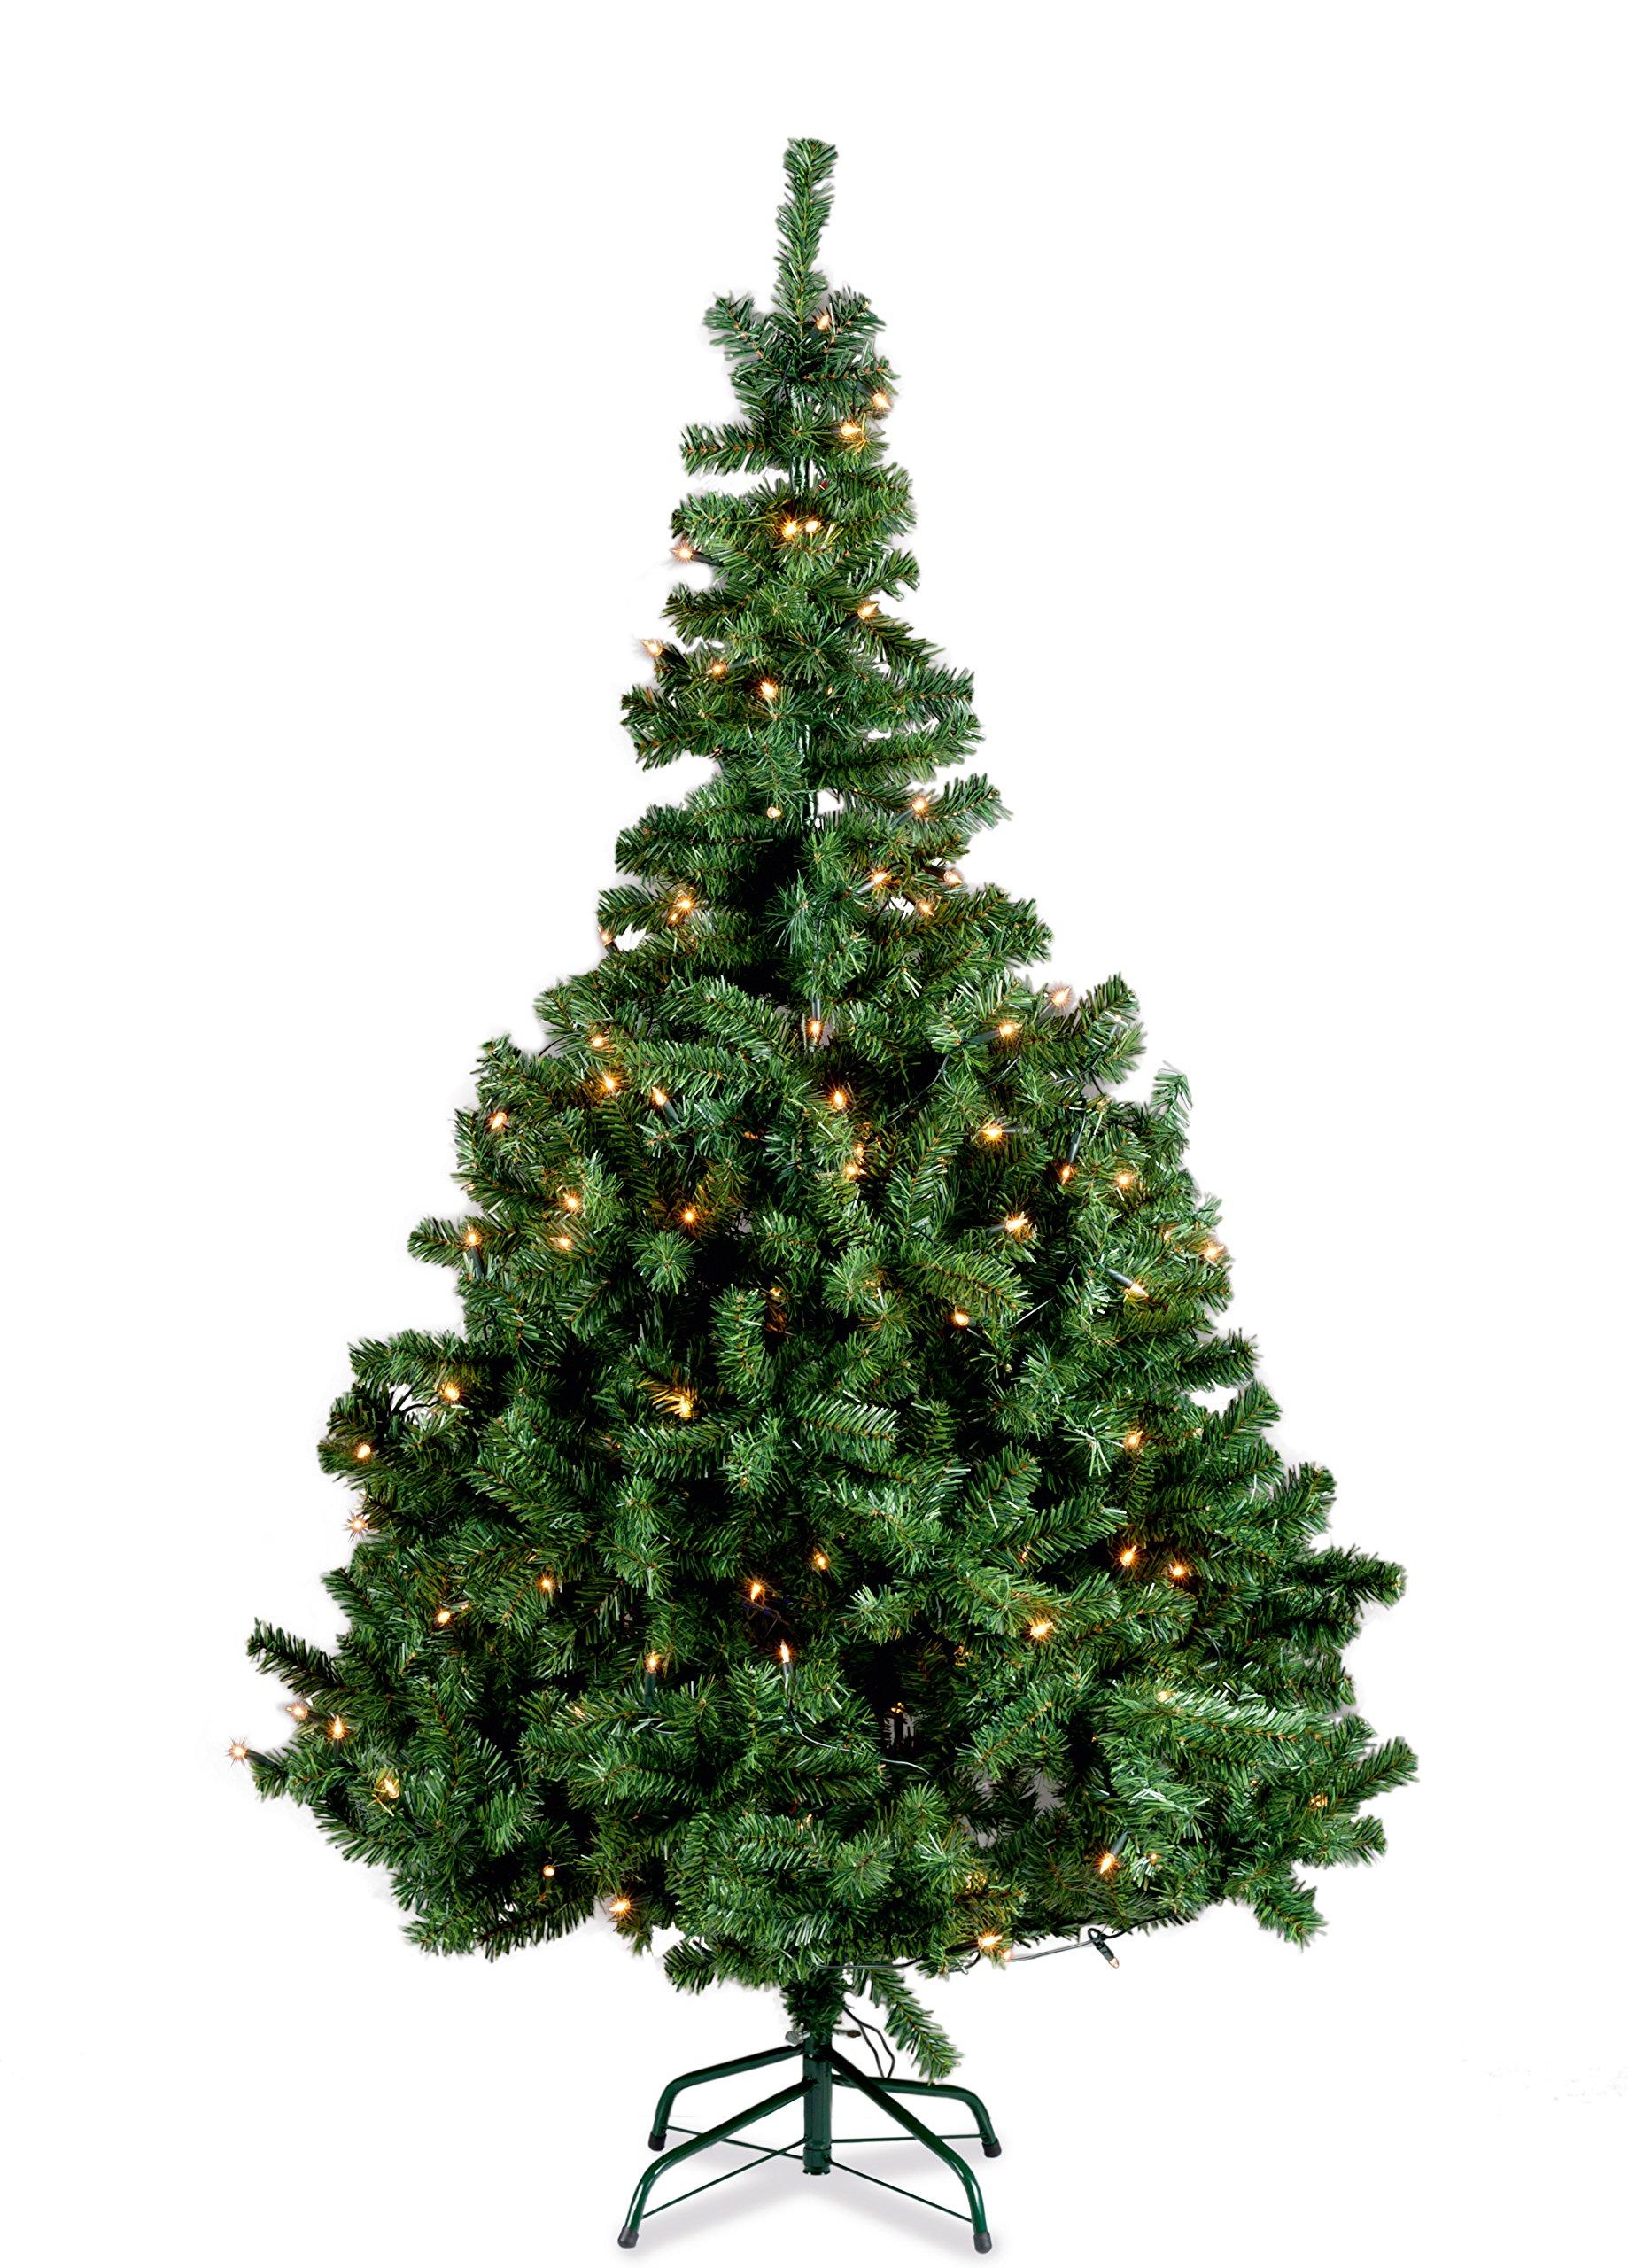 150cm-Weihnachtsbaum-beleuchtet-100-Birnen-inkl-Stnder-Tannenbaum-Baum-Christbaum-10814-AIE